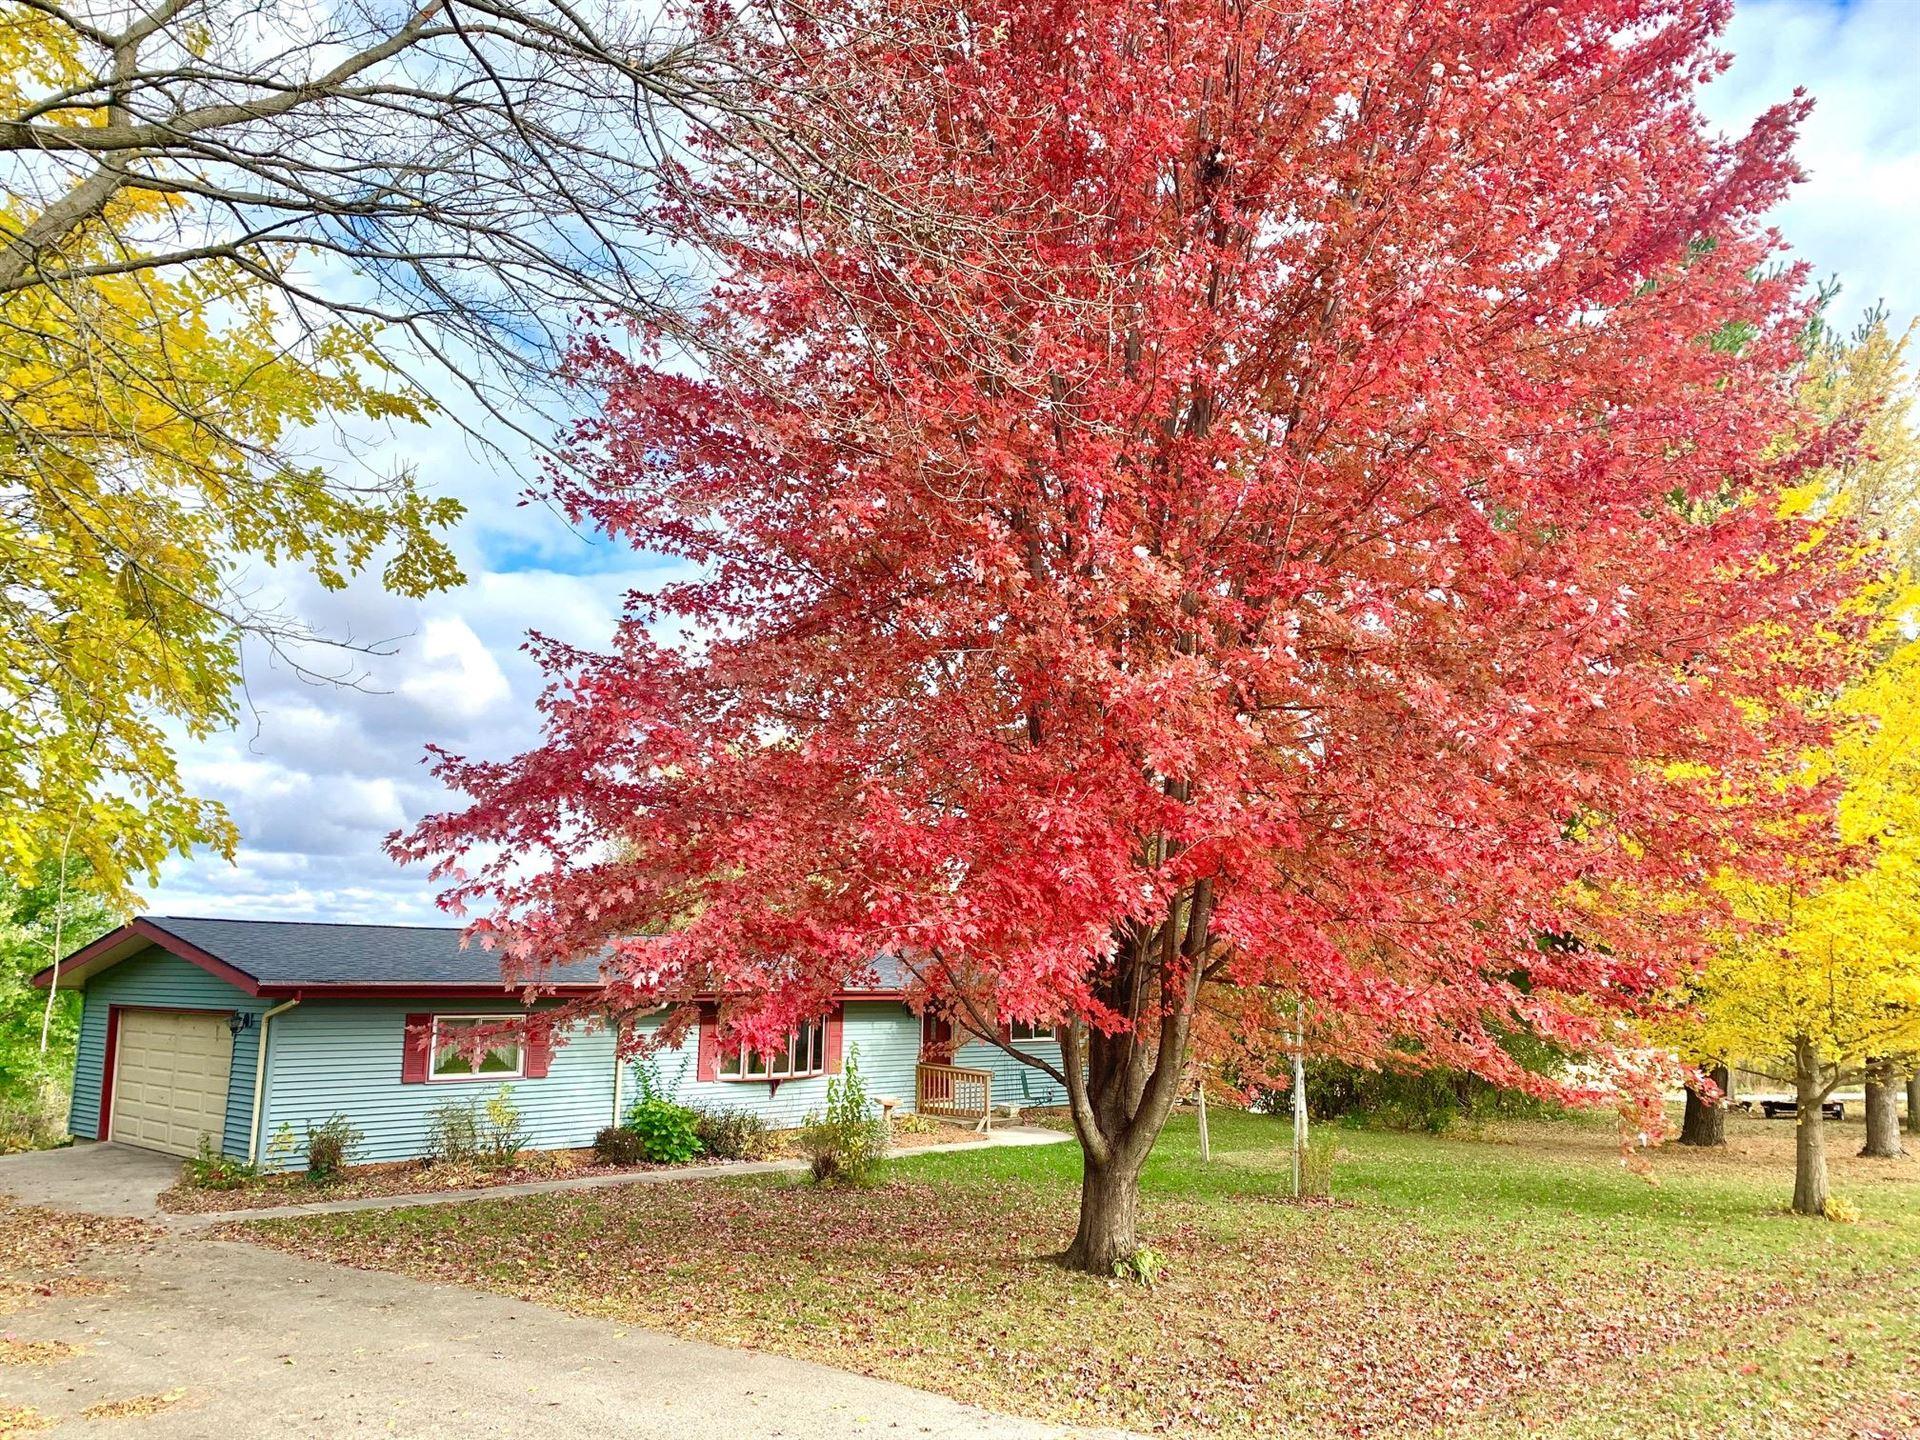 N7145 River Park Dr, Farmington, WI 53094 - #: 1713524